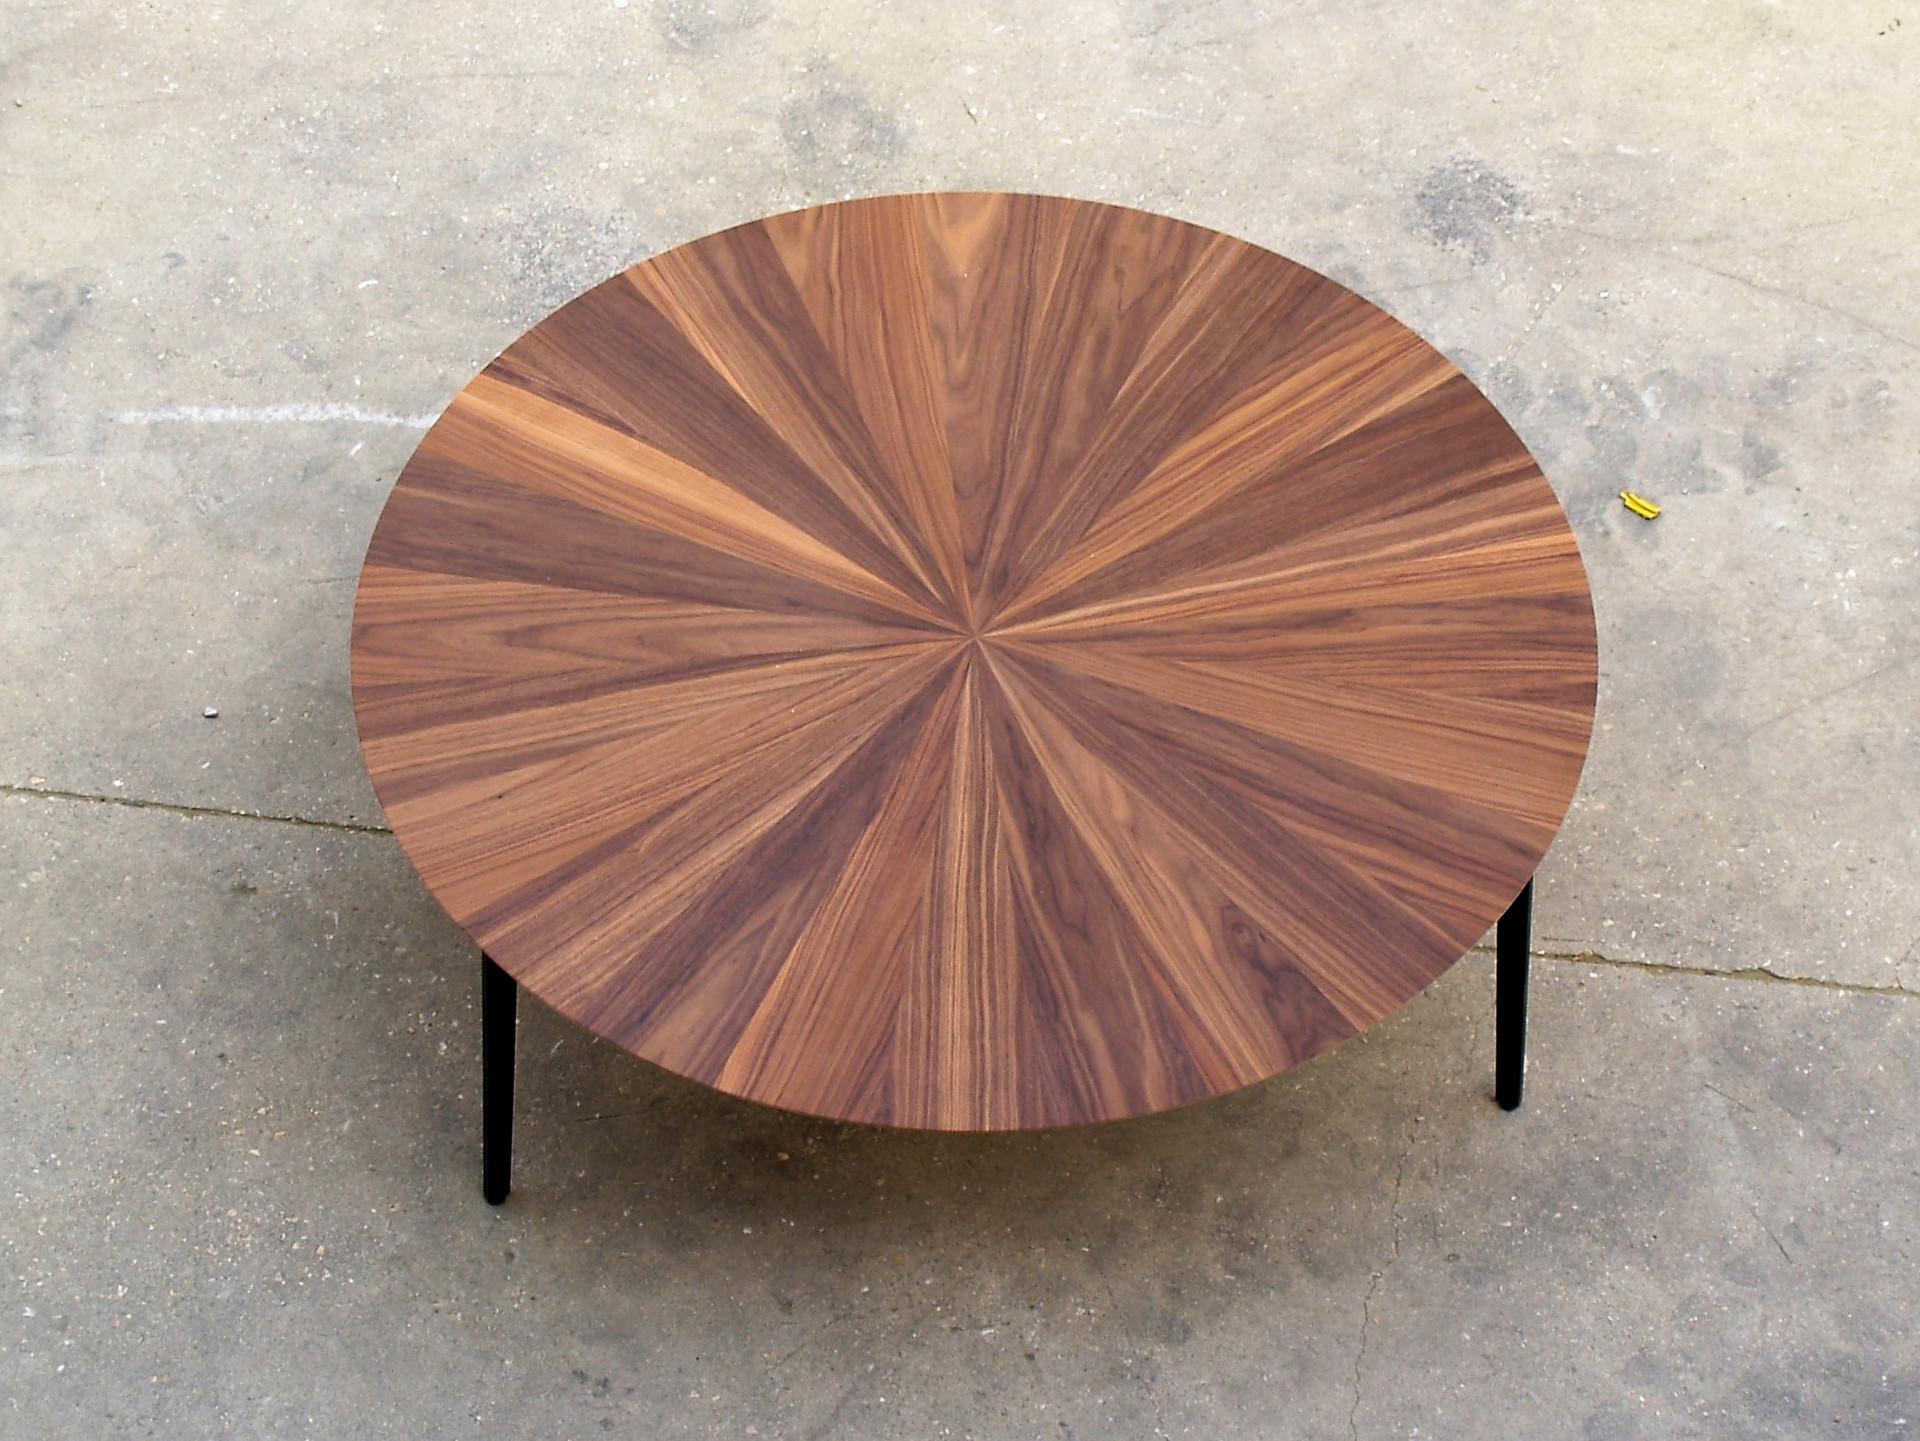 שולחן עגול אגוז אמריקאי.jpg